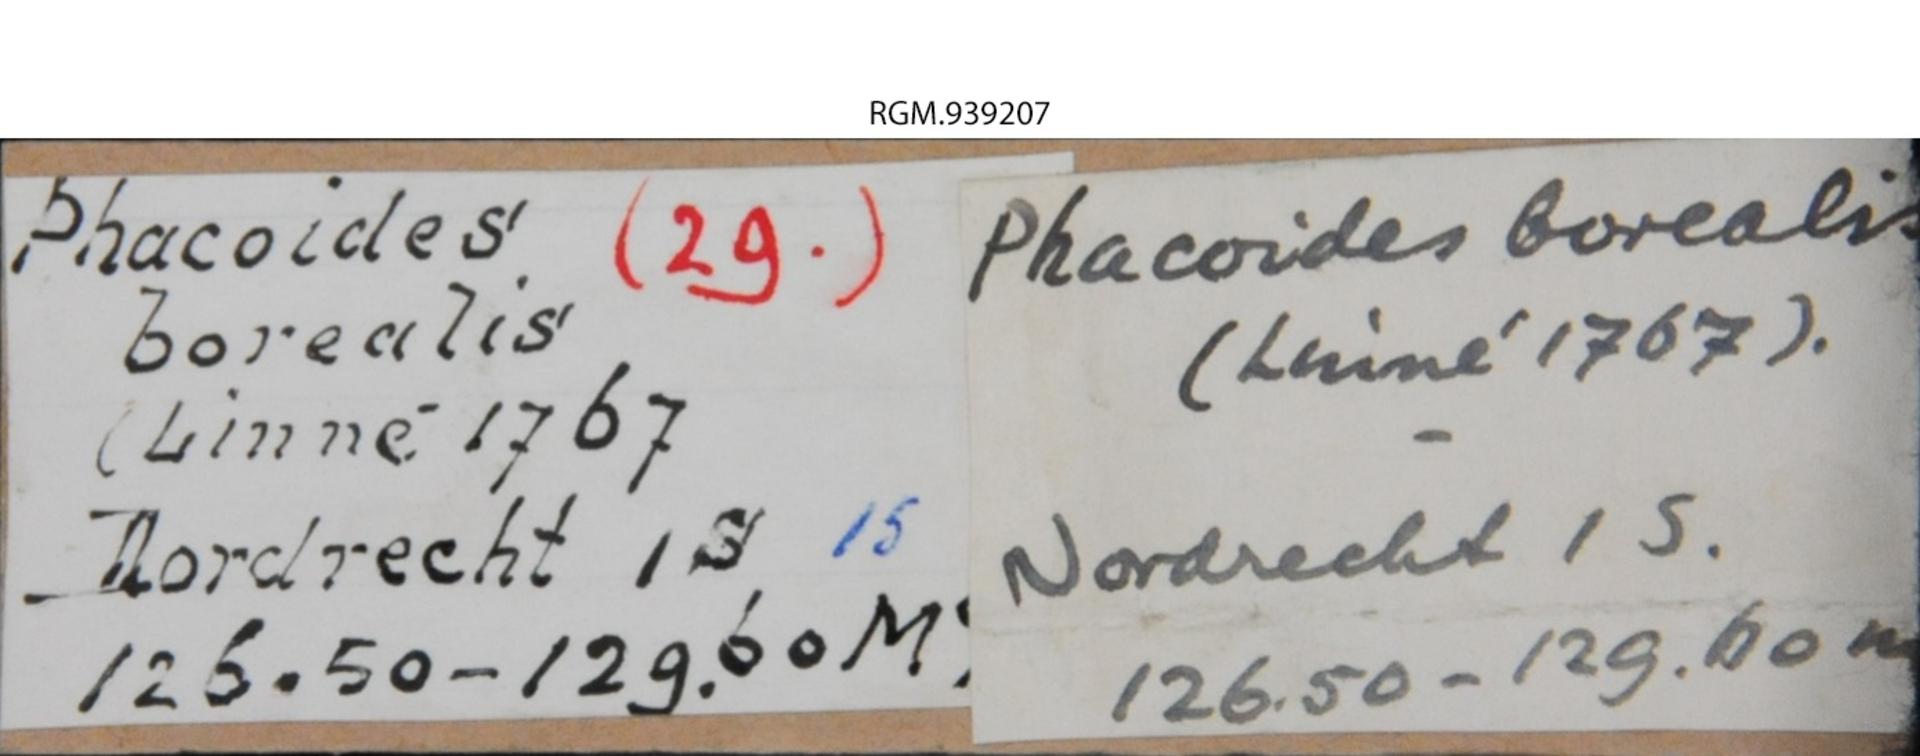 RGM.939207 | Phacoides borealis Linné, 1767